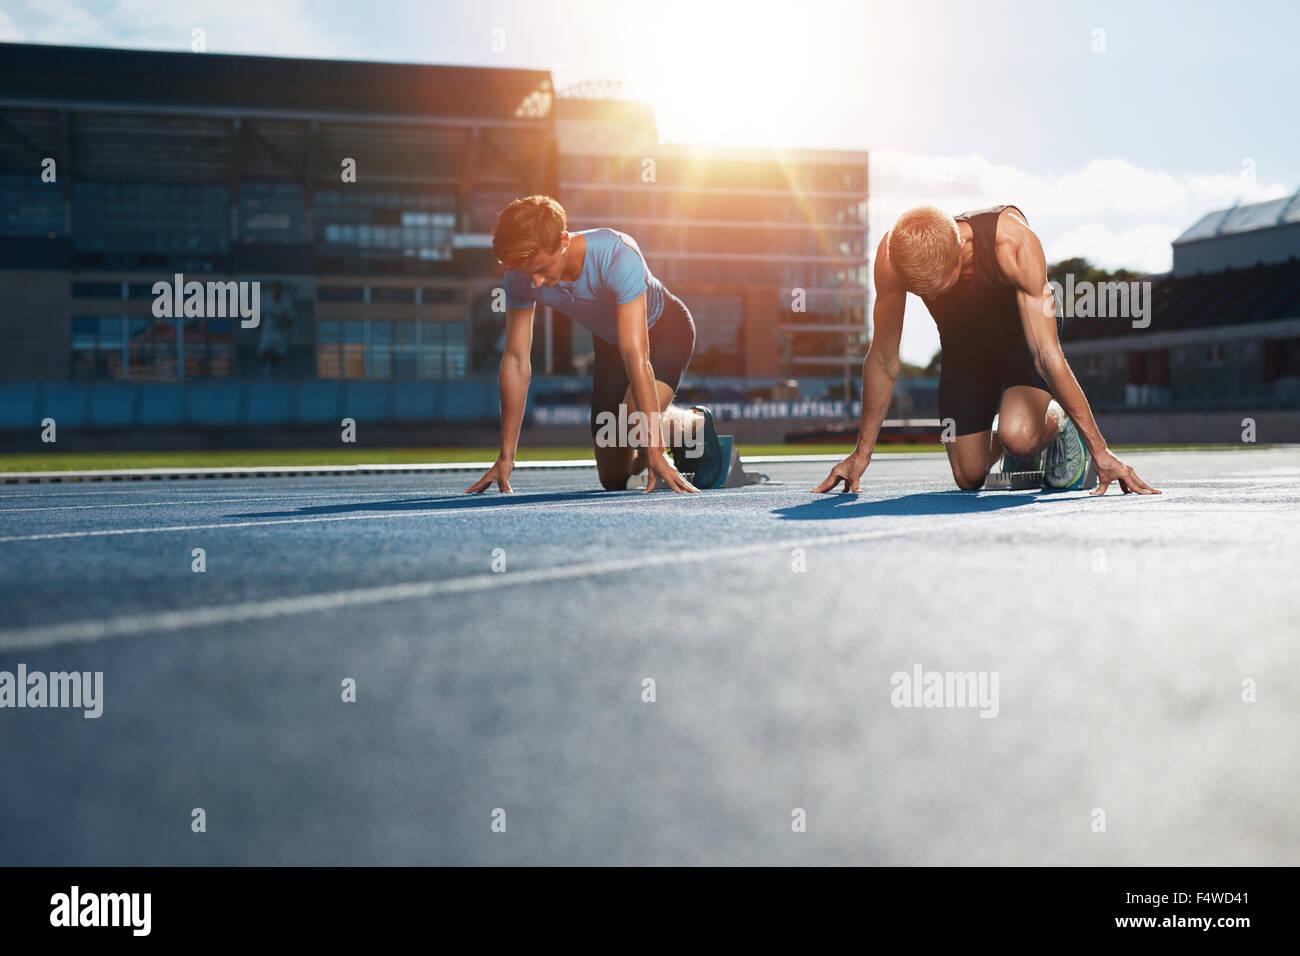 Les jeunes athlètes qui se préparent à la race dans les blocs de démarrage dans le stade. Les Photo Stock